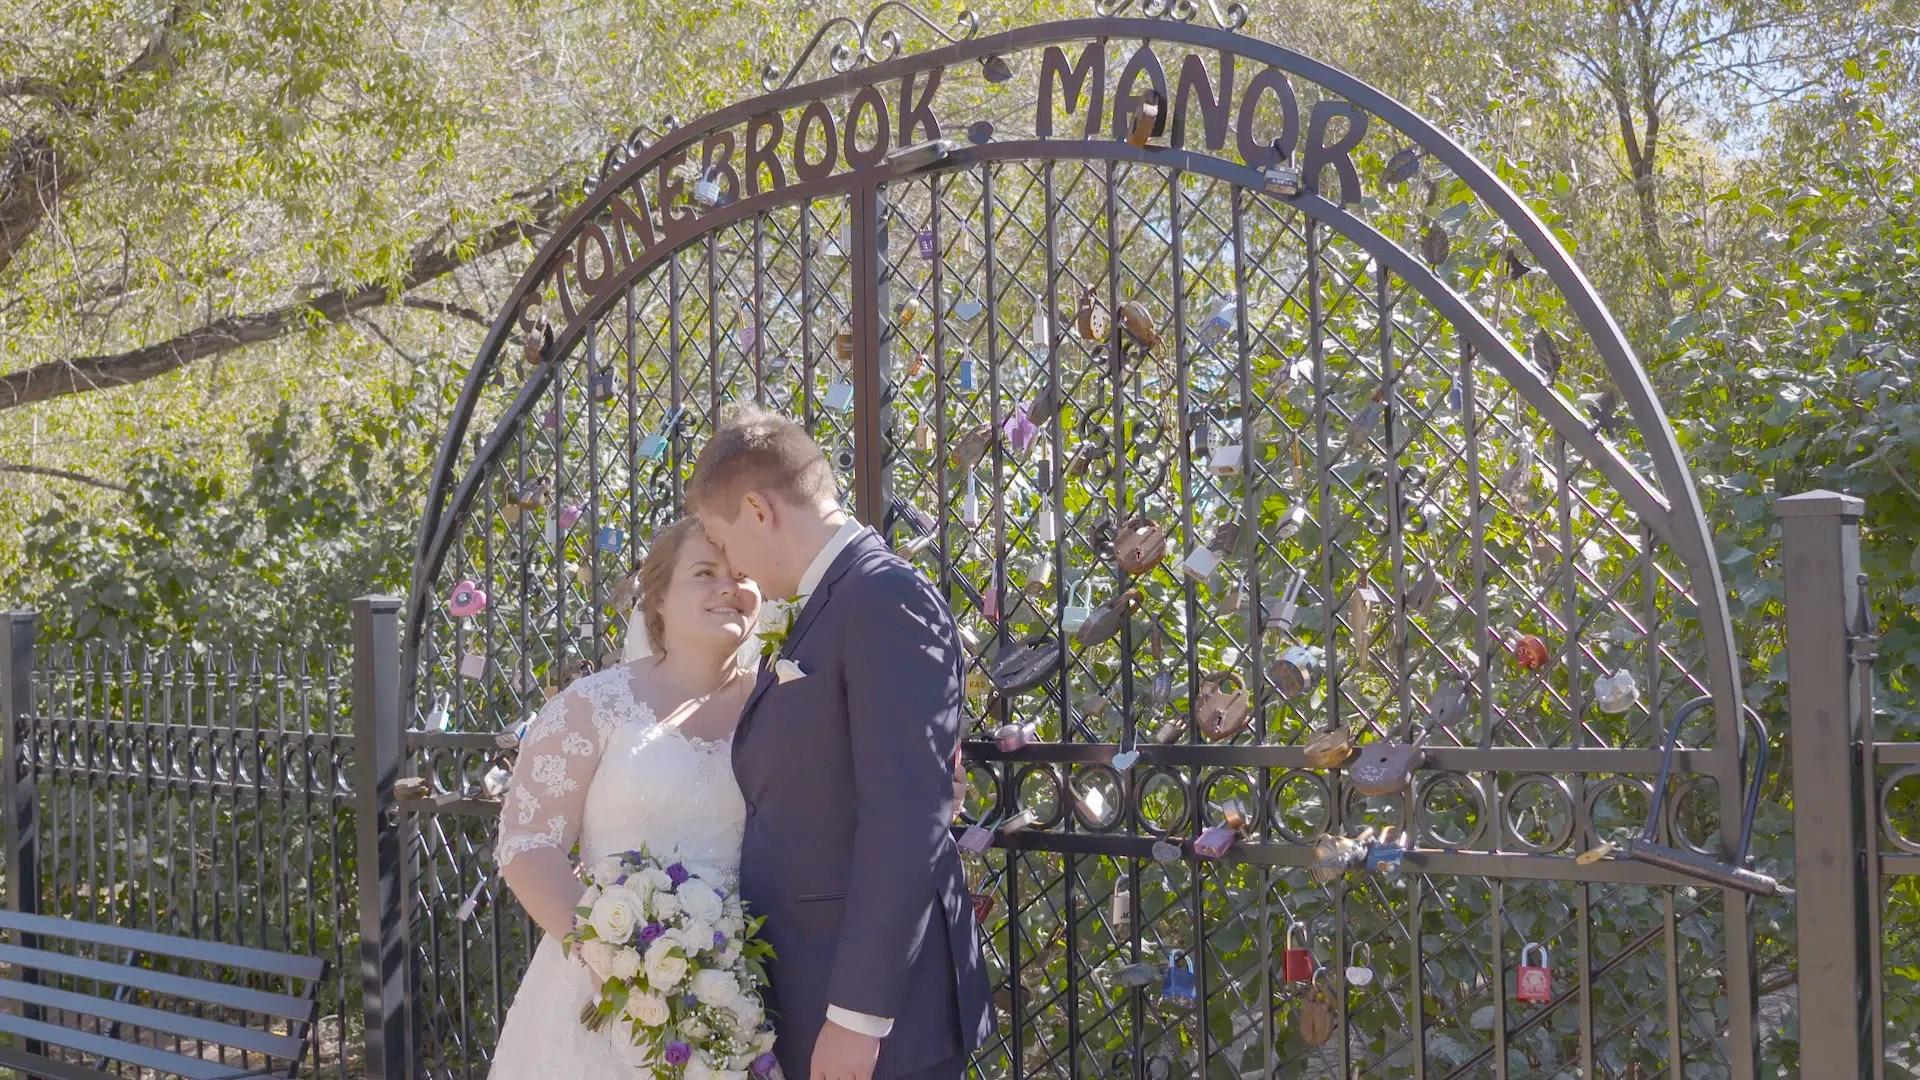 Stonebrook Manor Wedding VideoStonebrook Manor Wedding Video